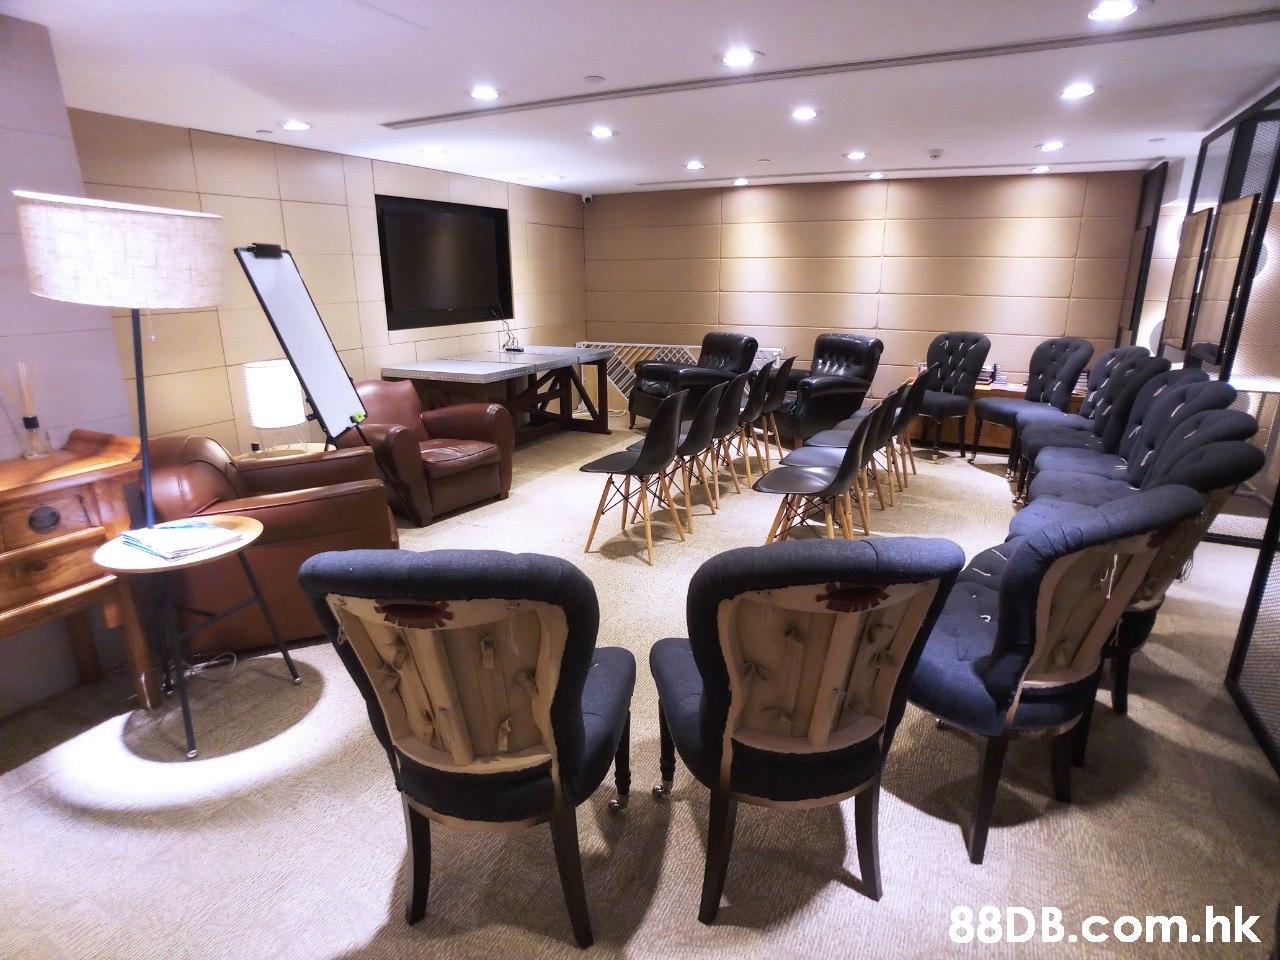 .hk  Property,Room,Interior design,Building,Real estate